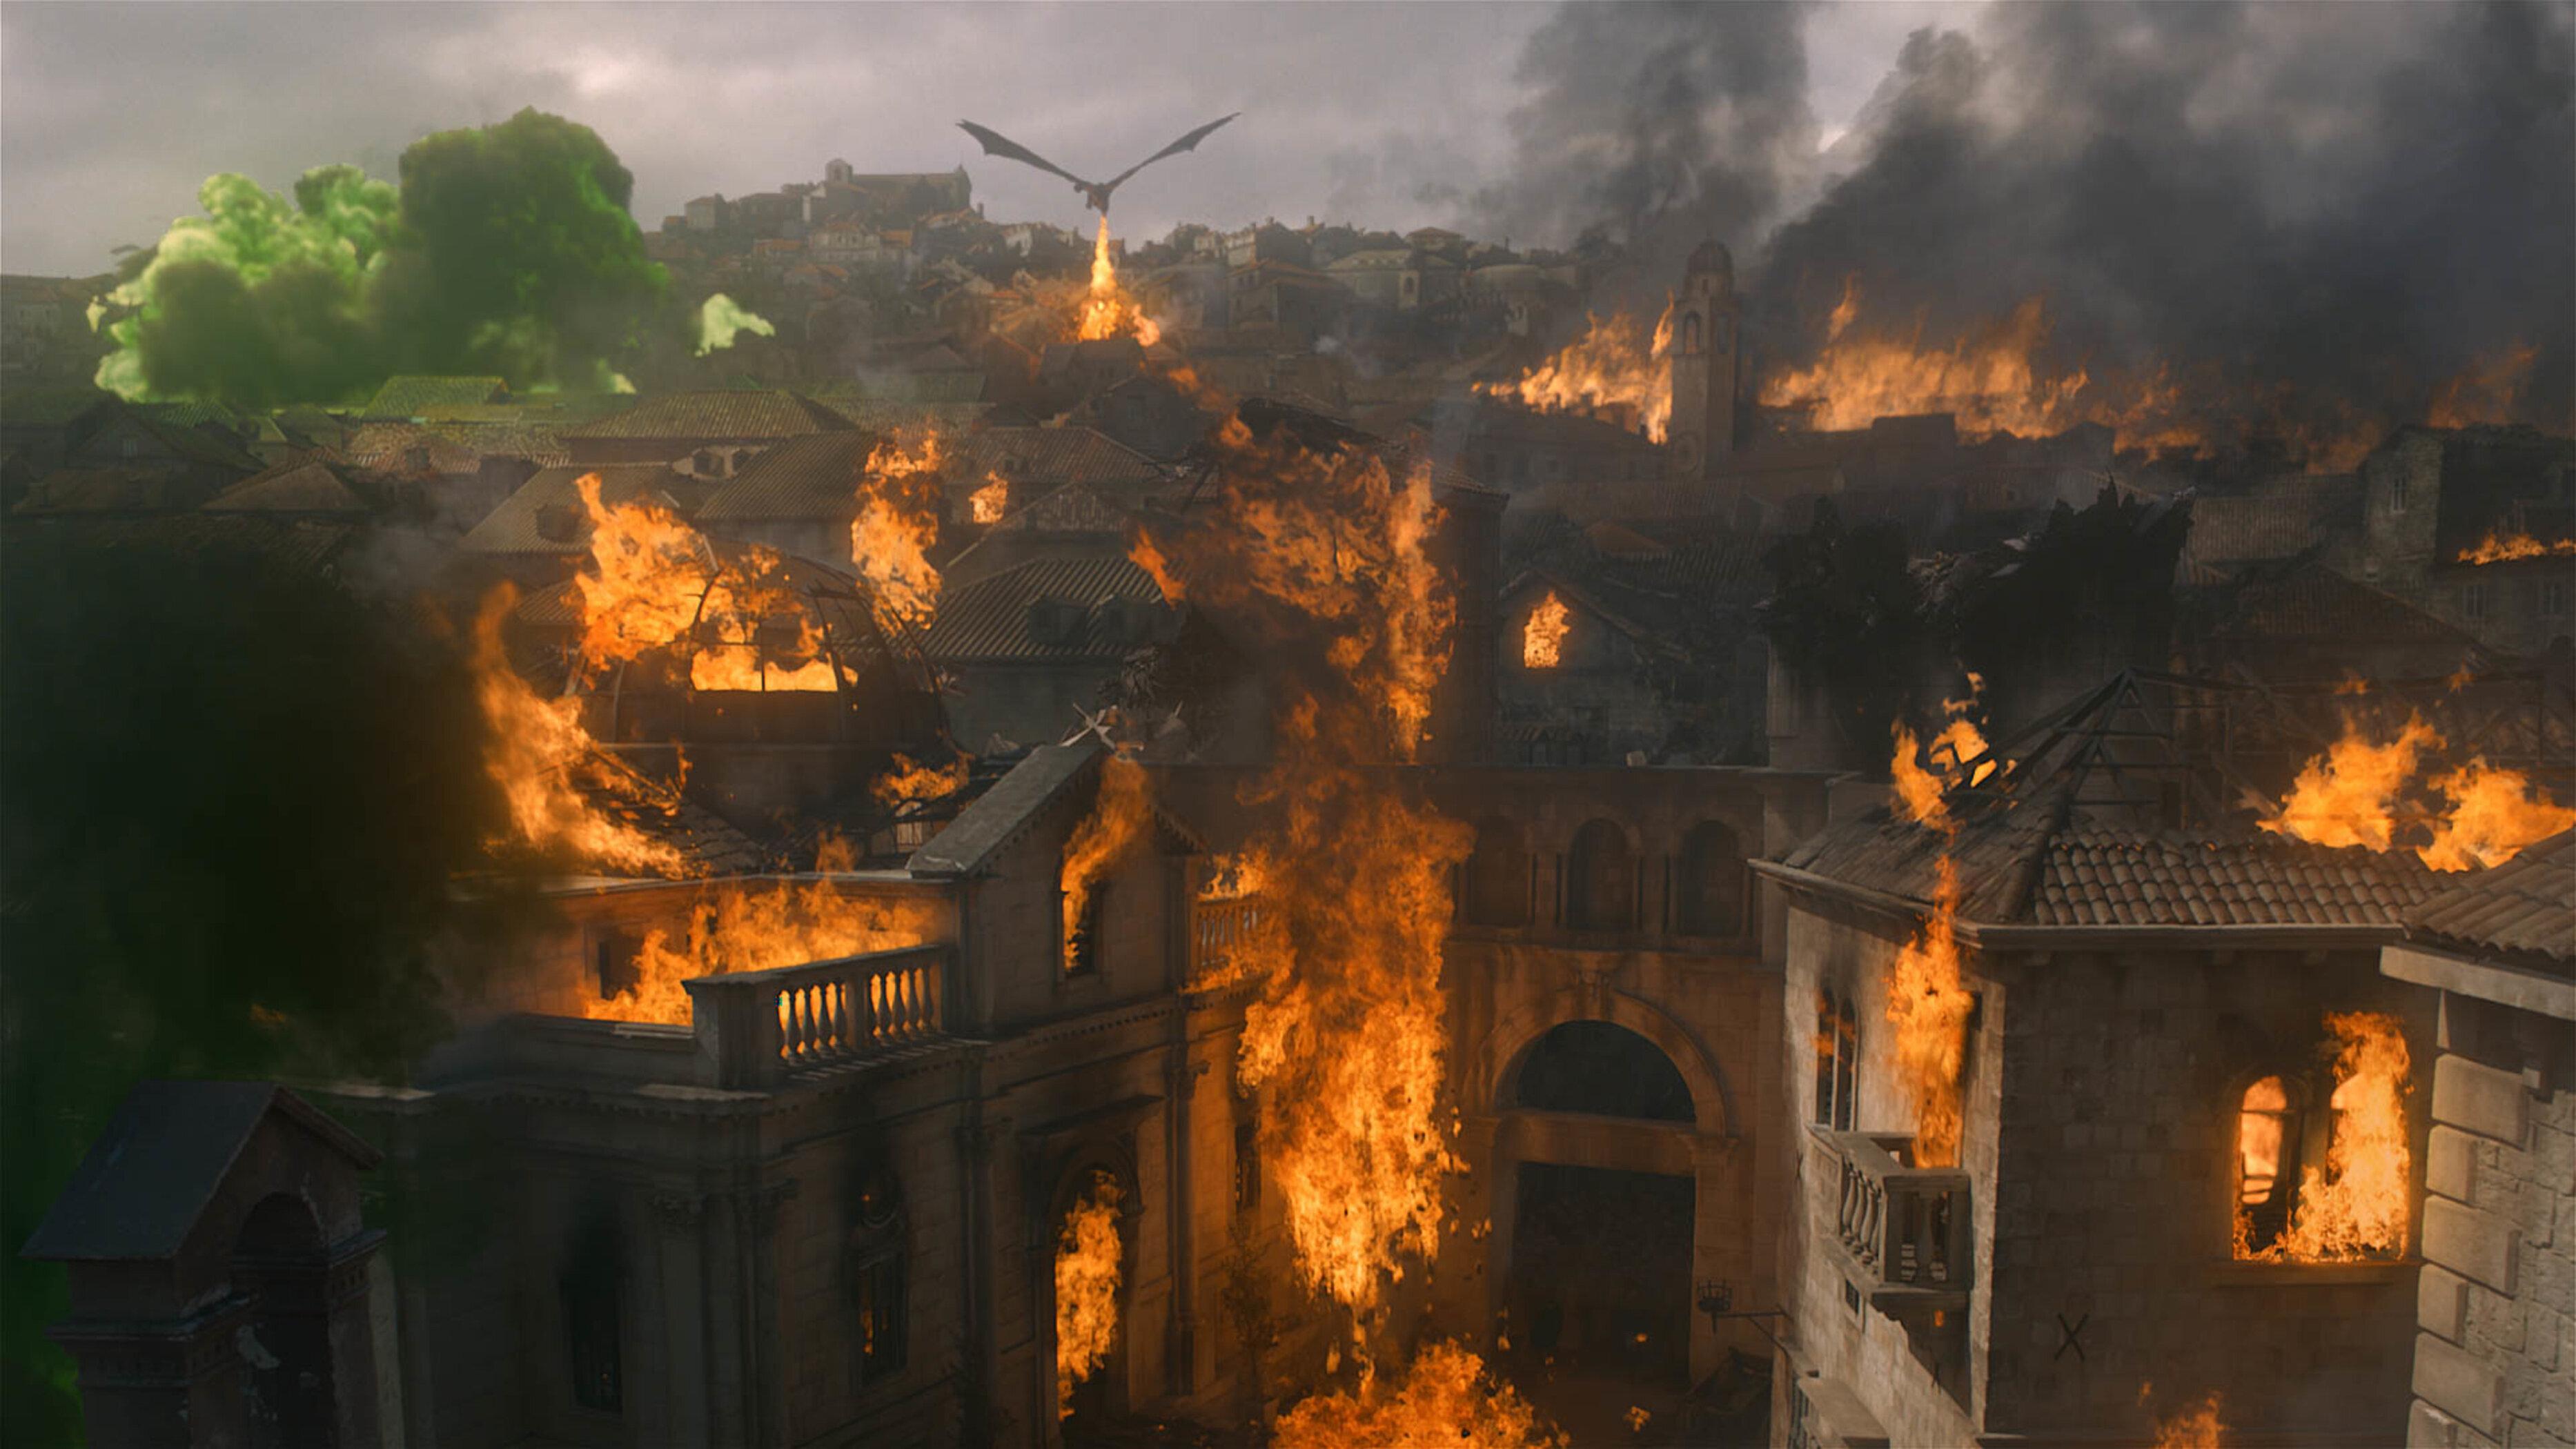 Utter destruction in King's Landing.